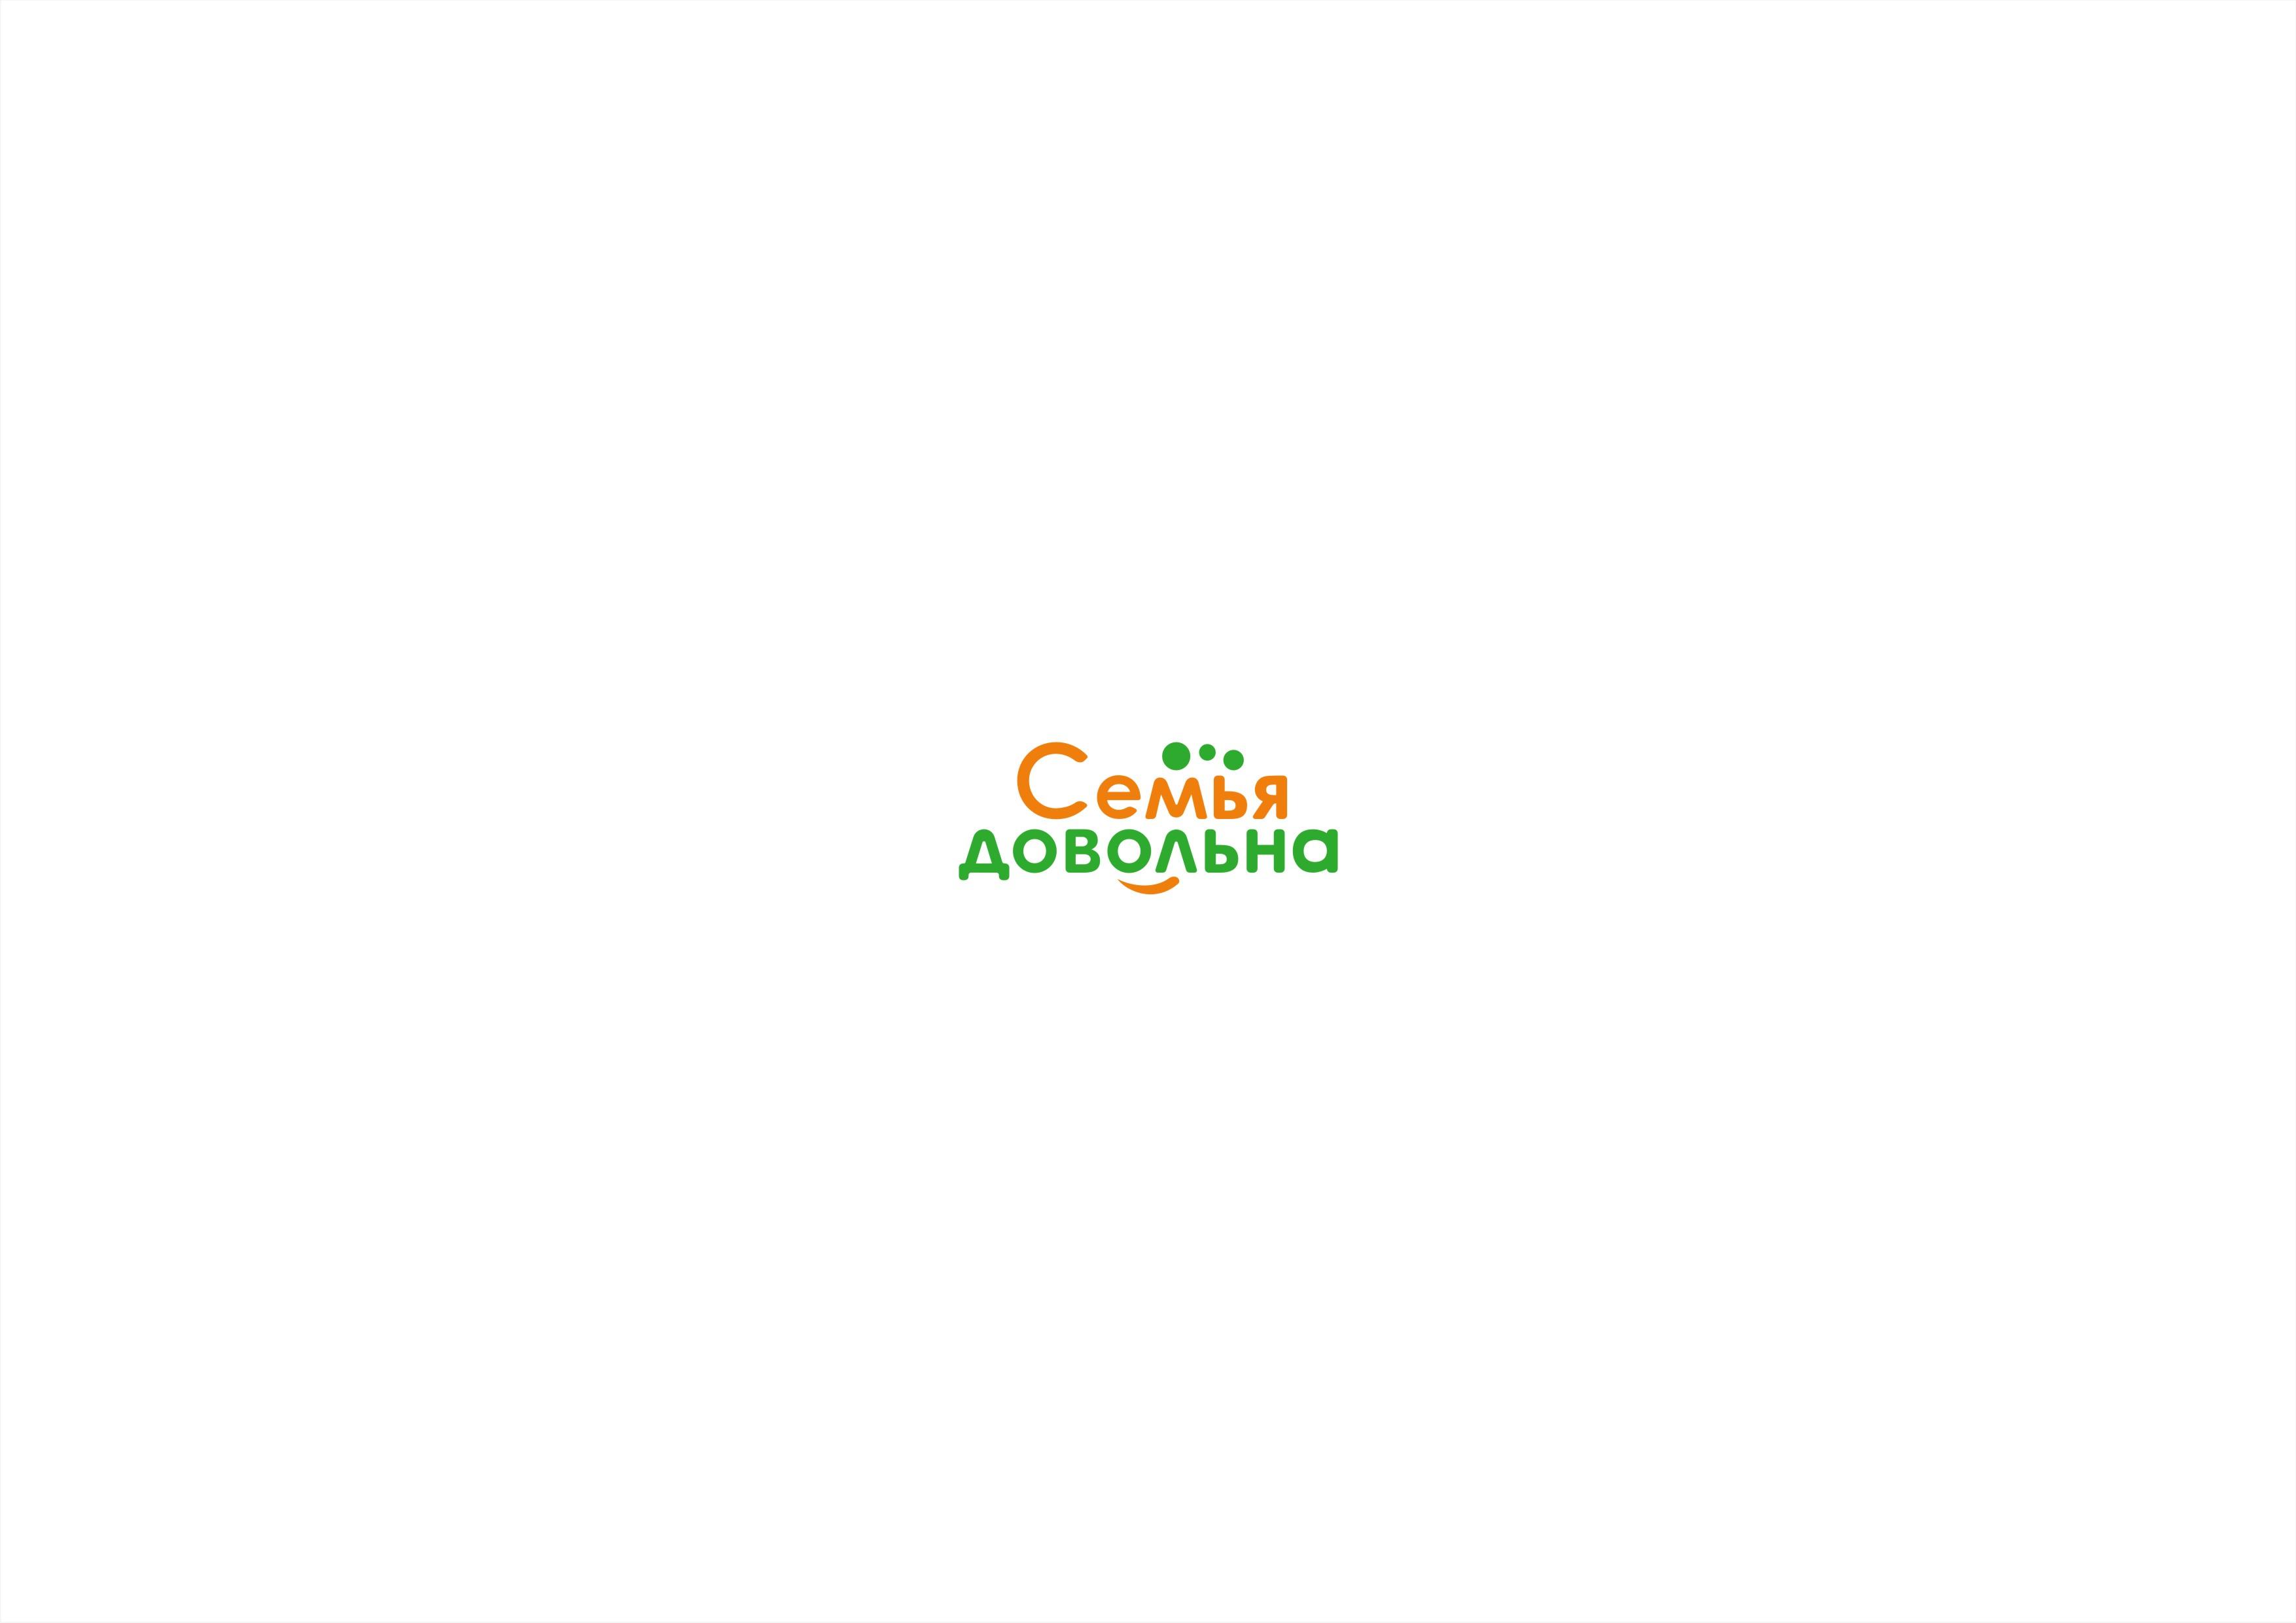 """Разработайте логотип для торговой марки """"Семья довольна"""" фото f_5935ba0df97b03d9.jpg"""